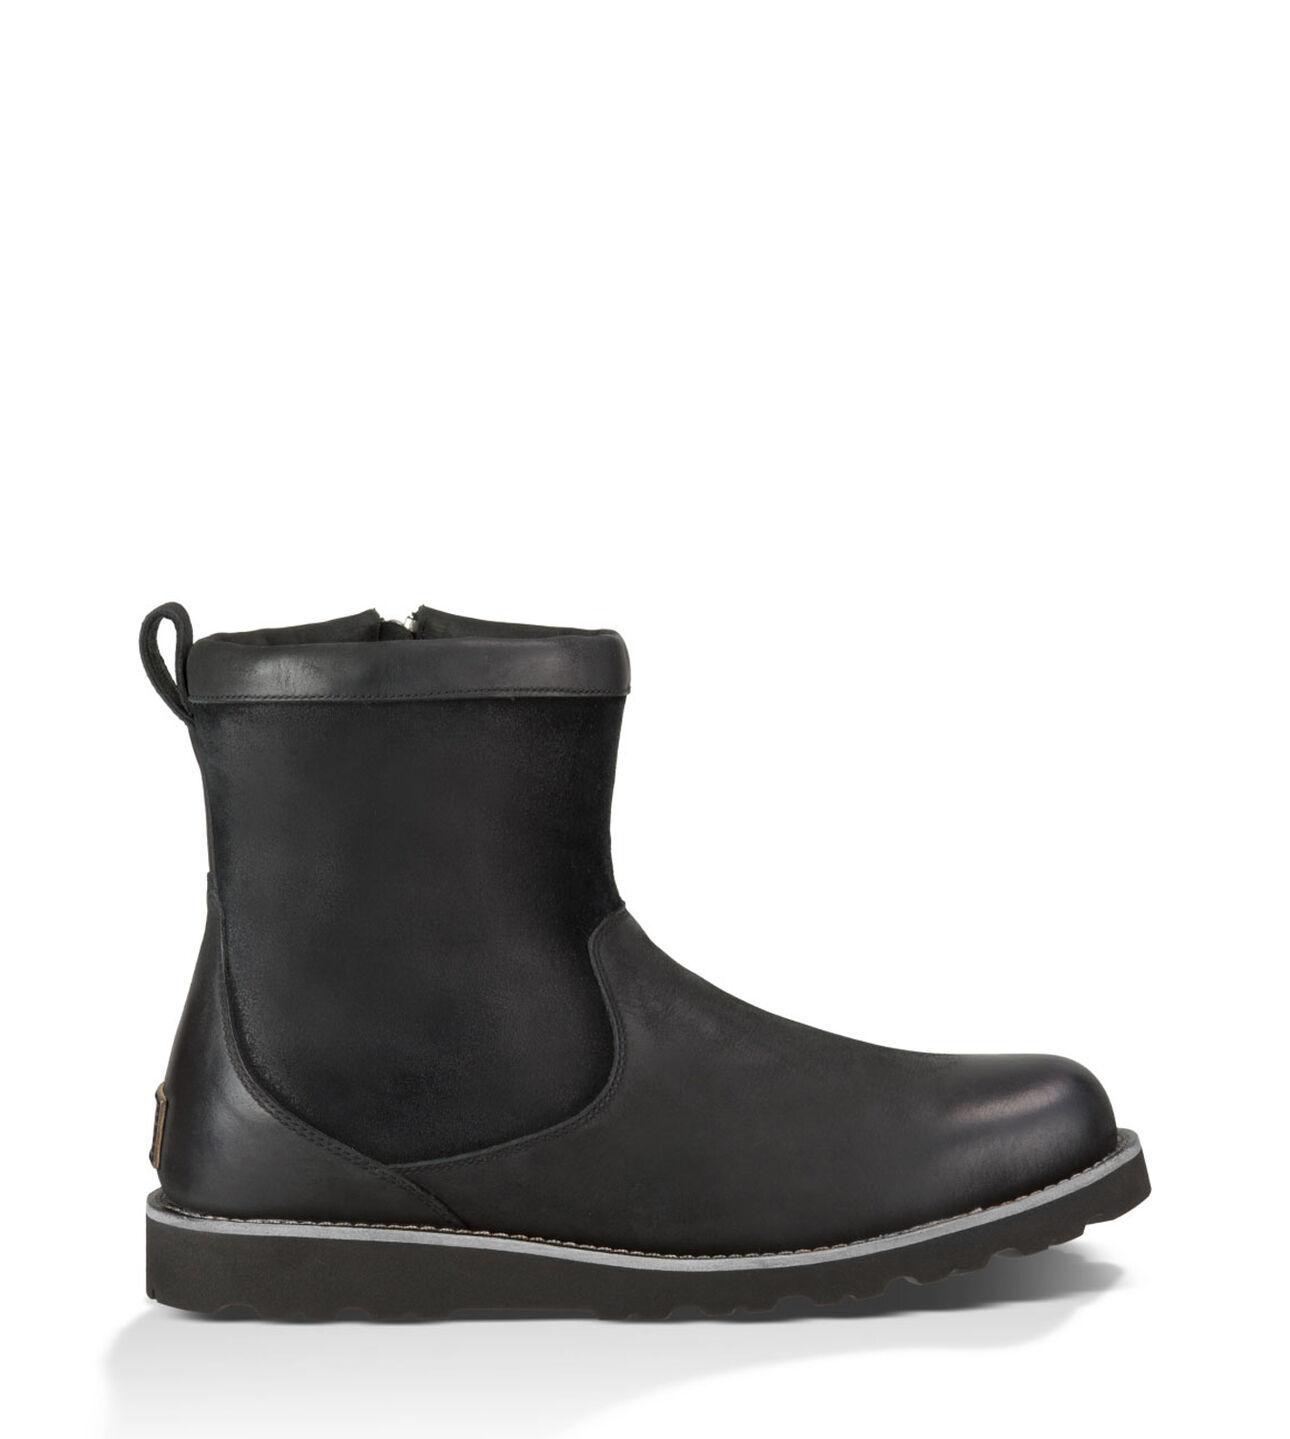 06b4102bbf5 Hendren TL Boot